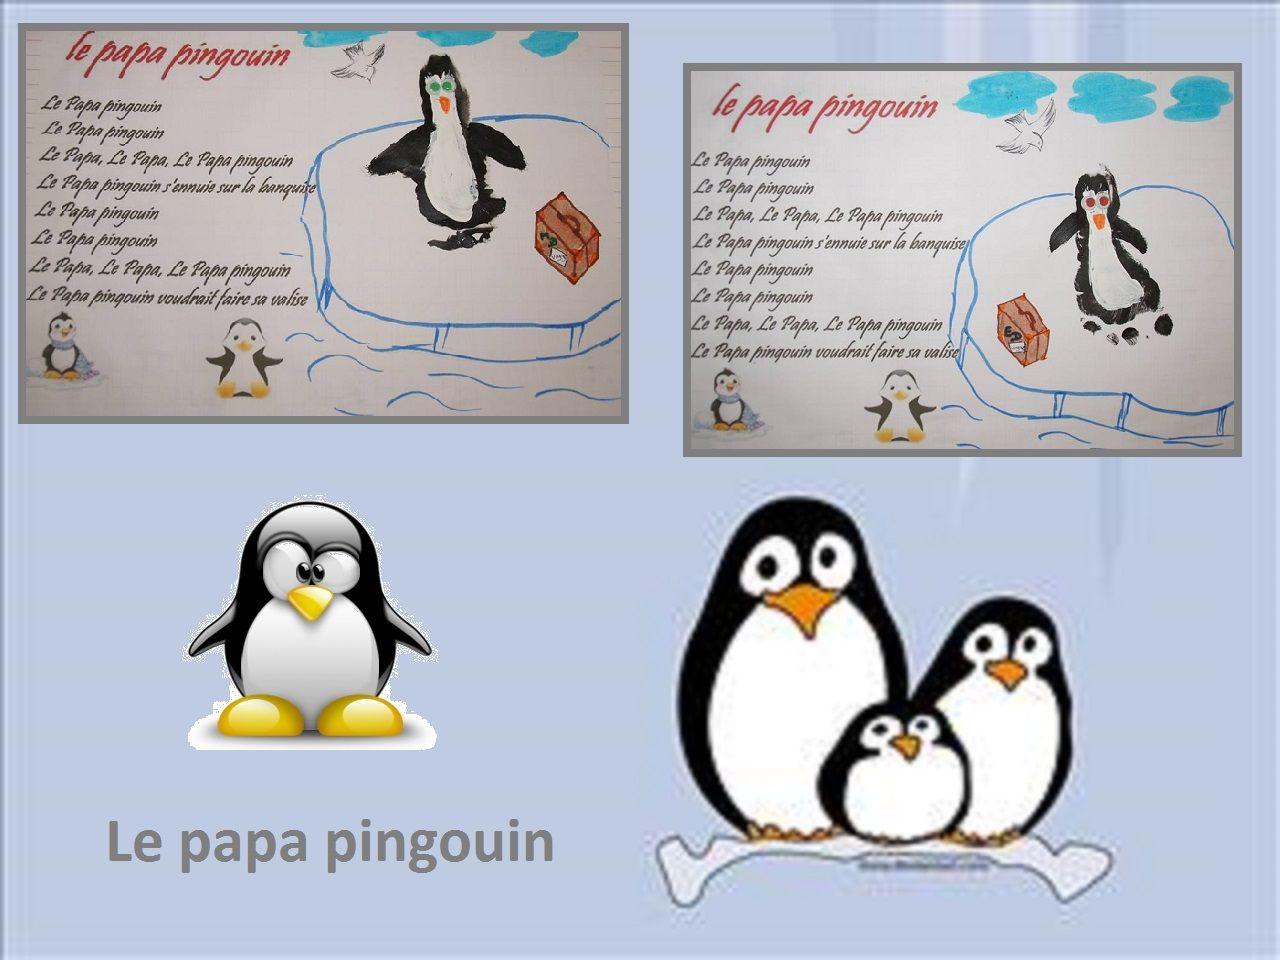 Chansons Le Papa Pingouin encequiconcerne Musique De Pingouin